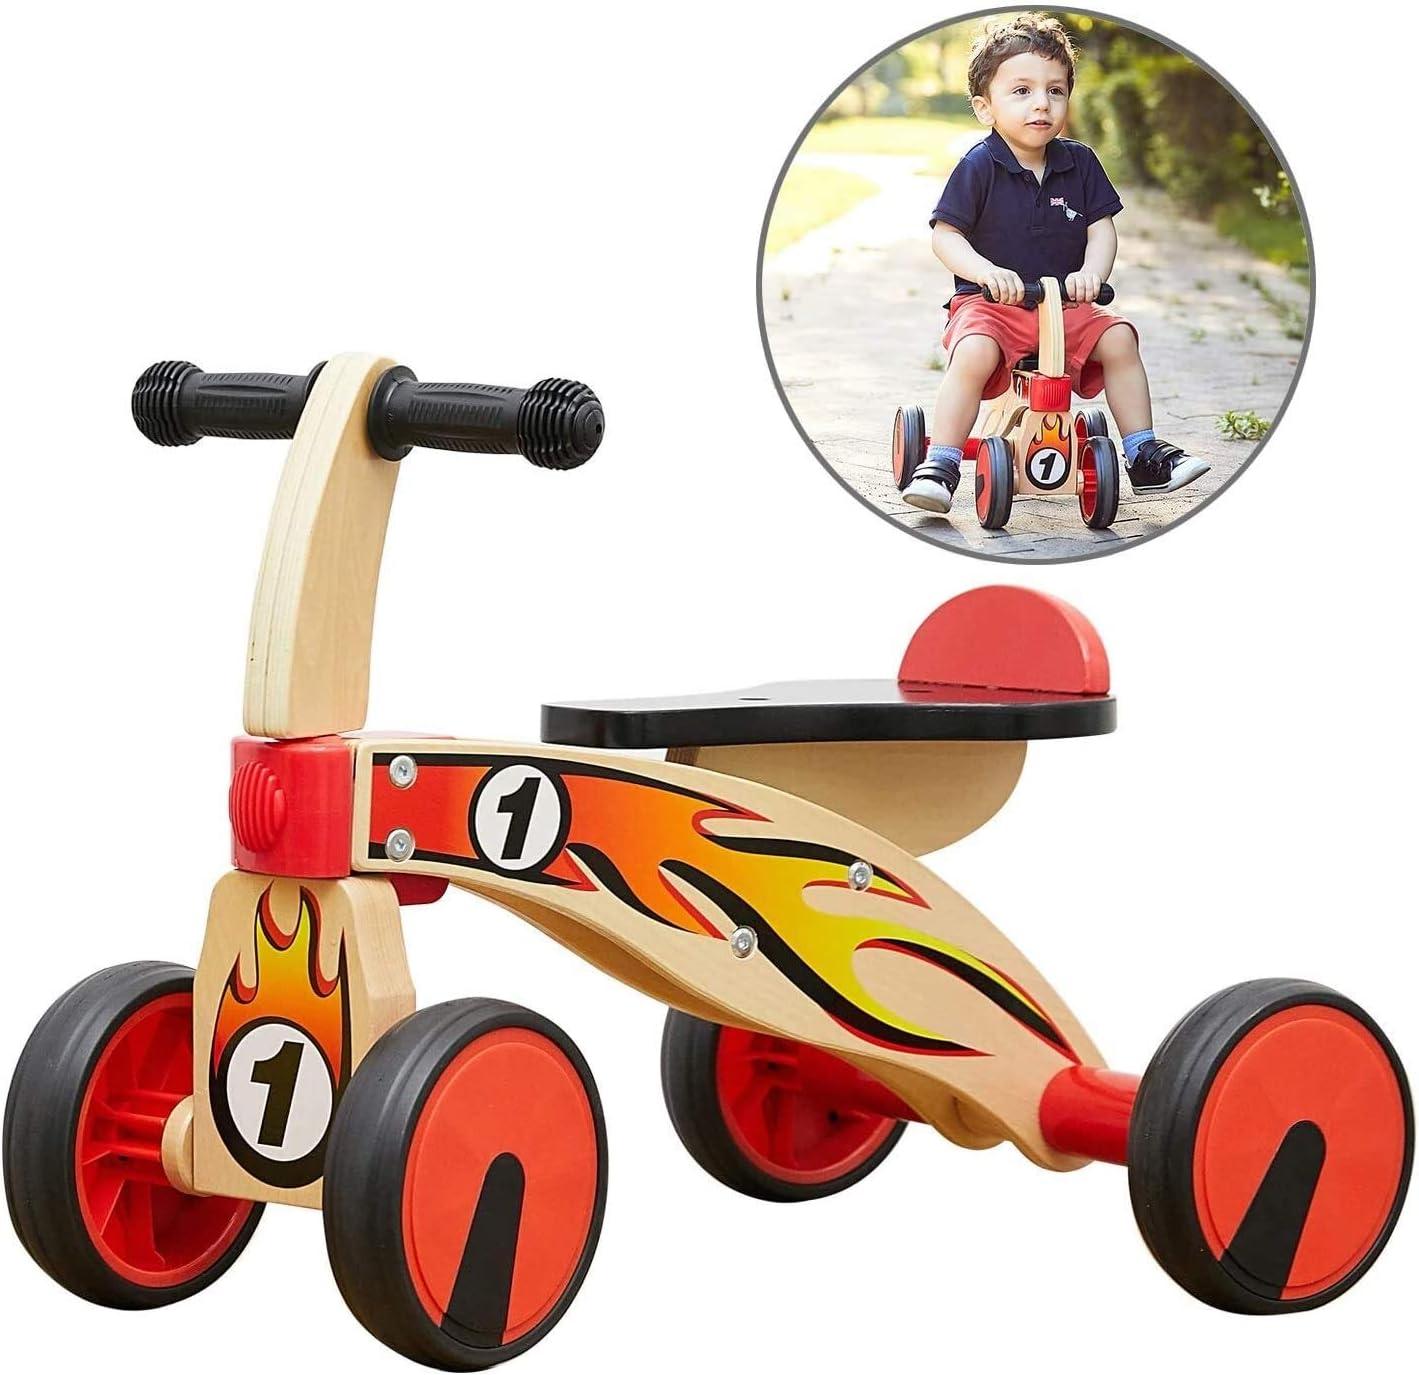 Juguetes for montar el triciclo del bebé de ciclomotores, bicicletas 1 año Ride On Trike juguete, niños pequeños Primera Triciclo de un año de edad, niños paseo juguete for Age 12 18 Meses con 4 rueda